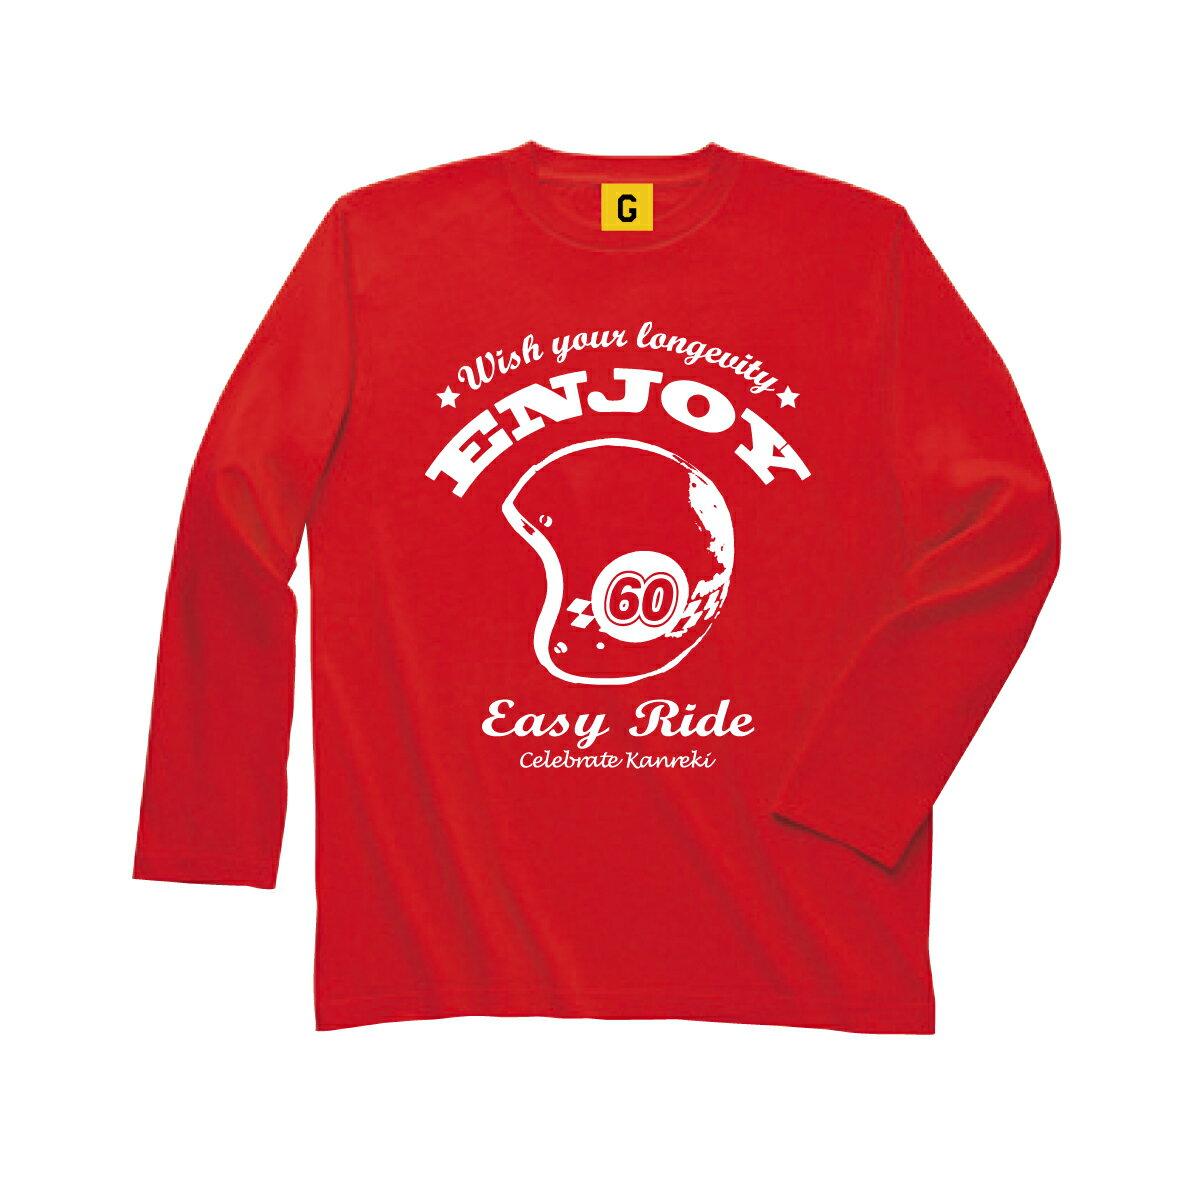 還暦祝い 父 母 女性 男性 プレゼント Tシャツ 【あす楽】 【長袖Tシャツ】 大人気 還暦 気楽に行こうぜ◎ 還暦EASY RIDE お祝い ロンT かんれきいわい